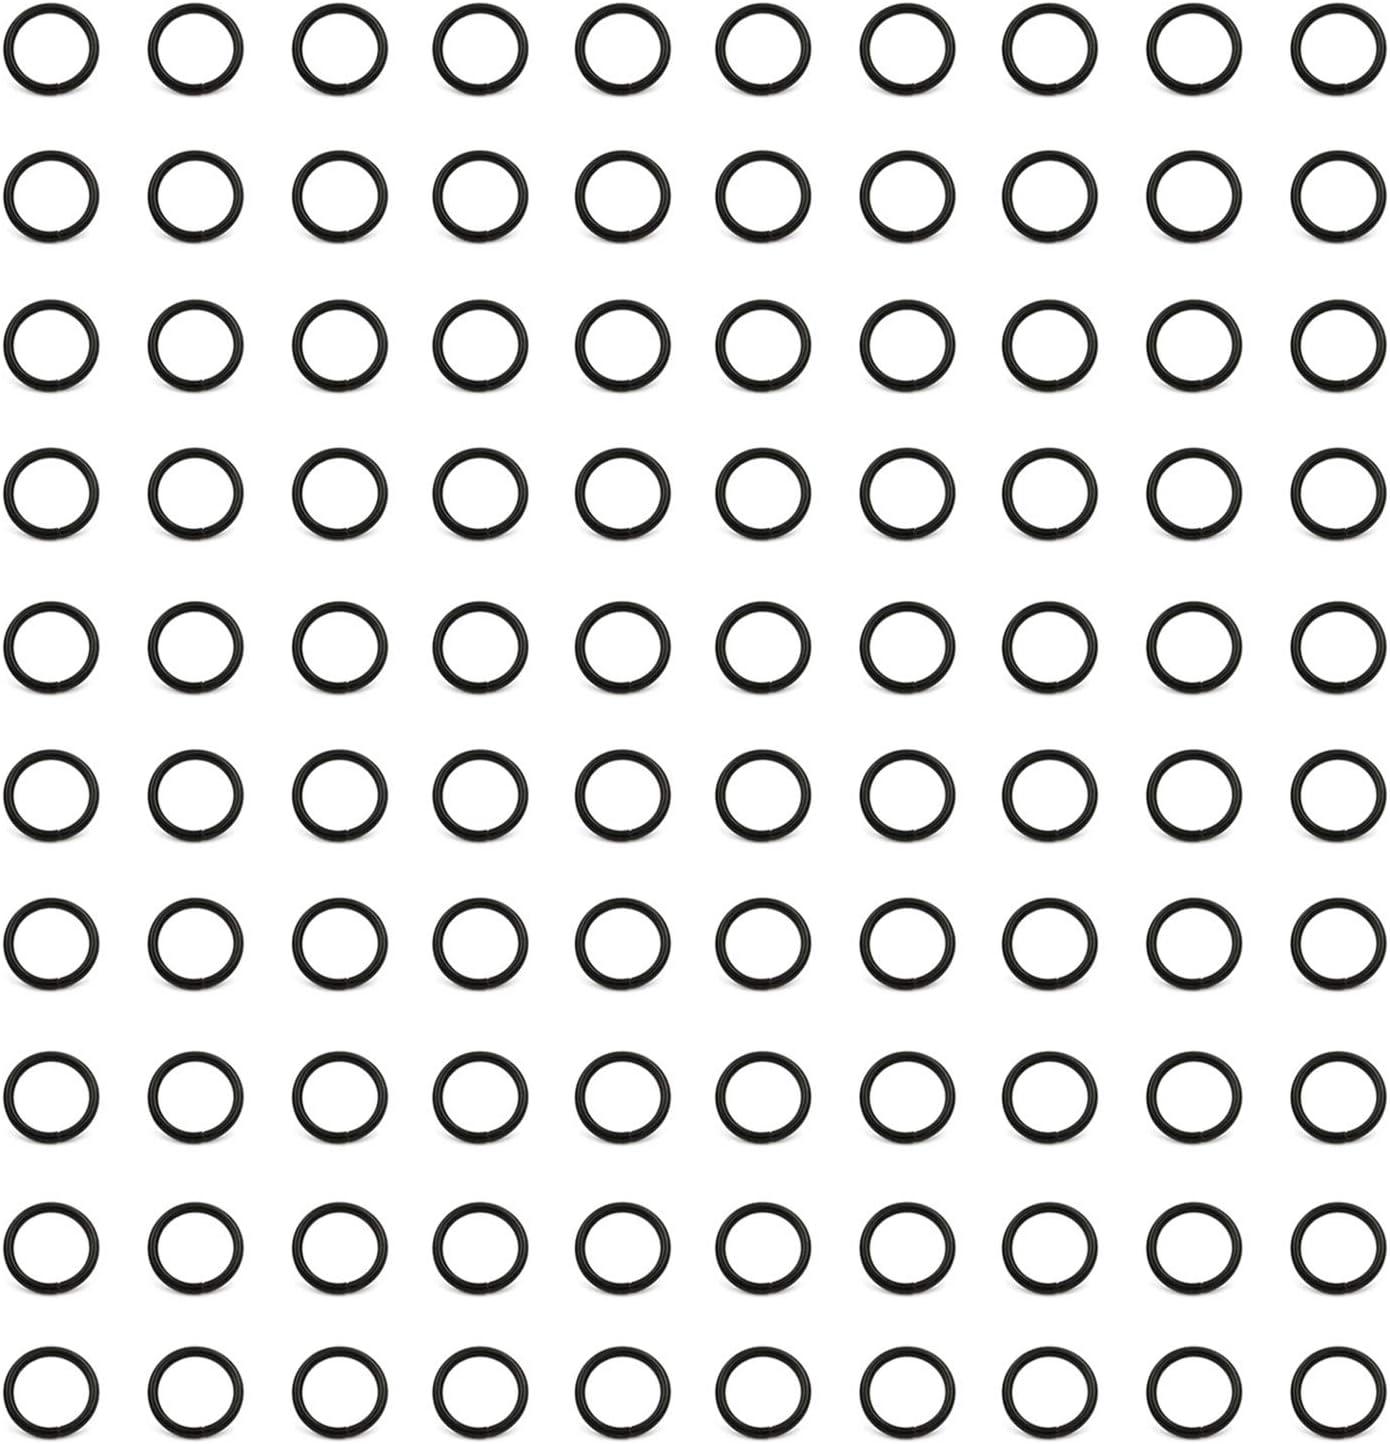 O-Anelli Scarpe e Cinture Nero Non saldato per Borse BIKICOCO 1.3 cm Anello a O in Metallo collari Anelli di Metallo 100 Pezzi o-Ring